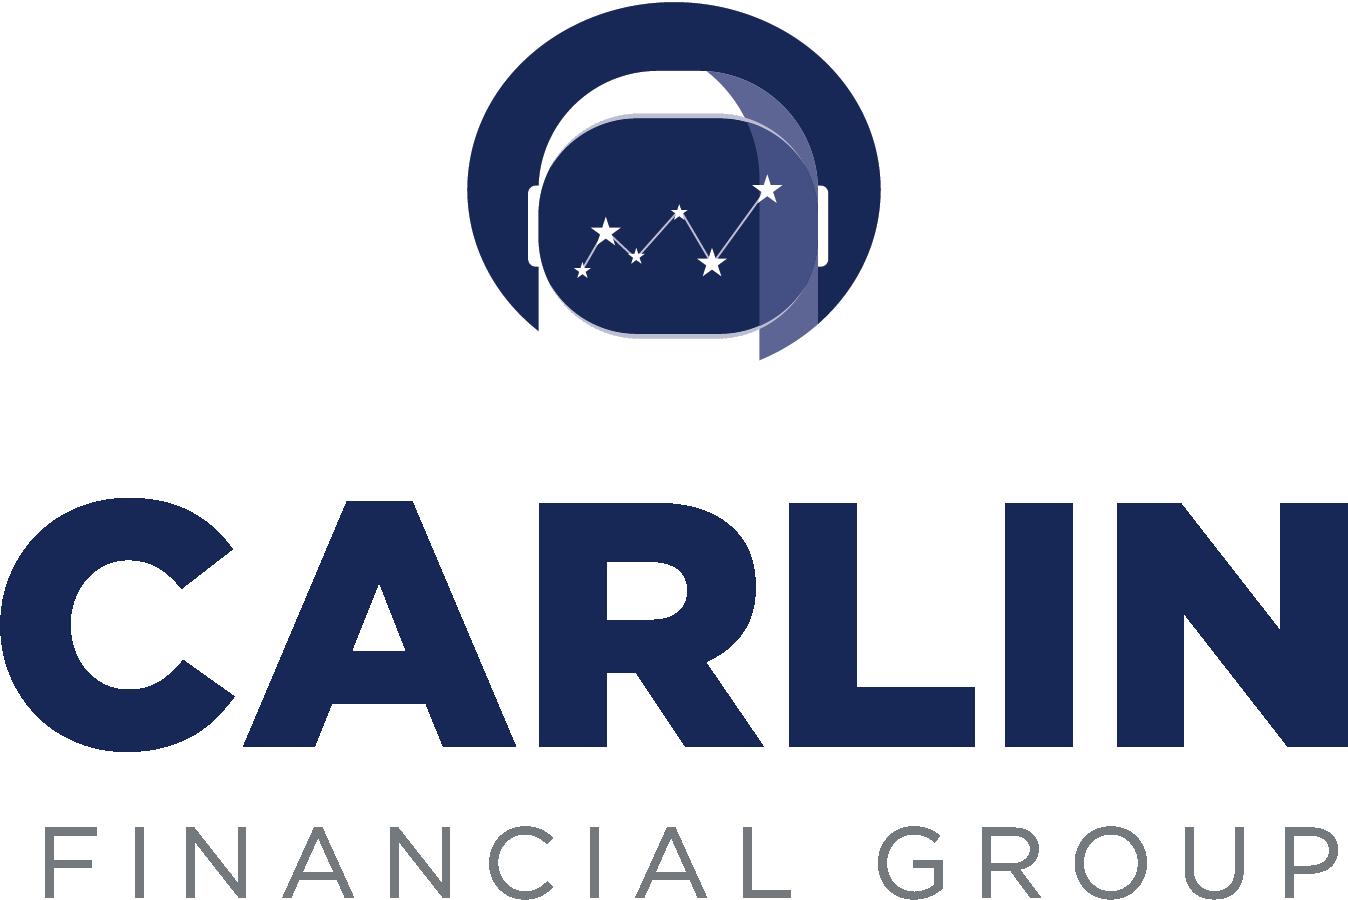 CARLIN FINANCIAL GROUP_LOGO_ConceptB_AMS_07.28.20